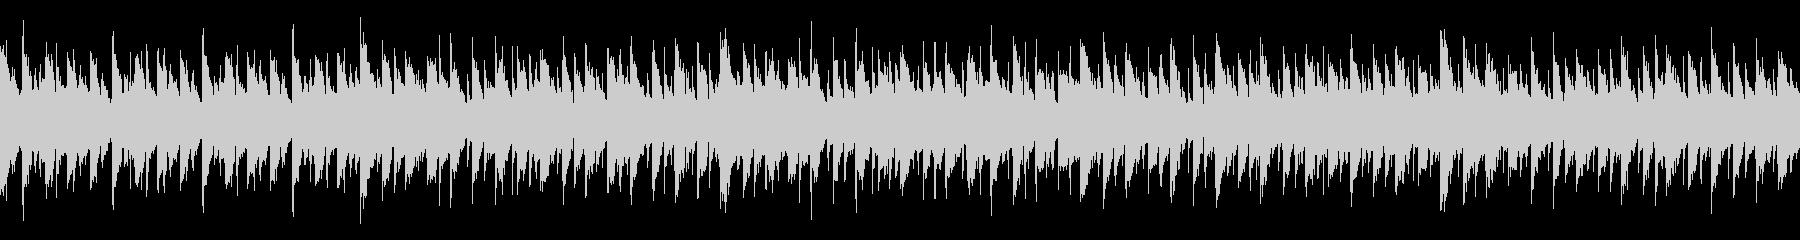 ハウス系楽曲(ループ仕様)の未再生の波形